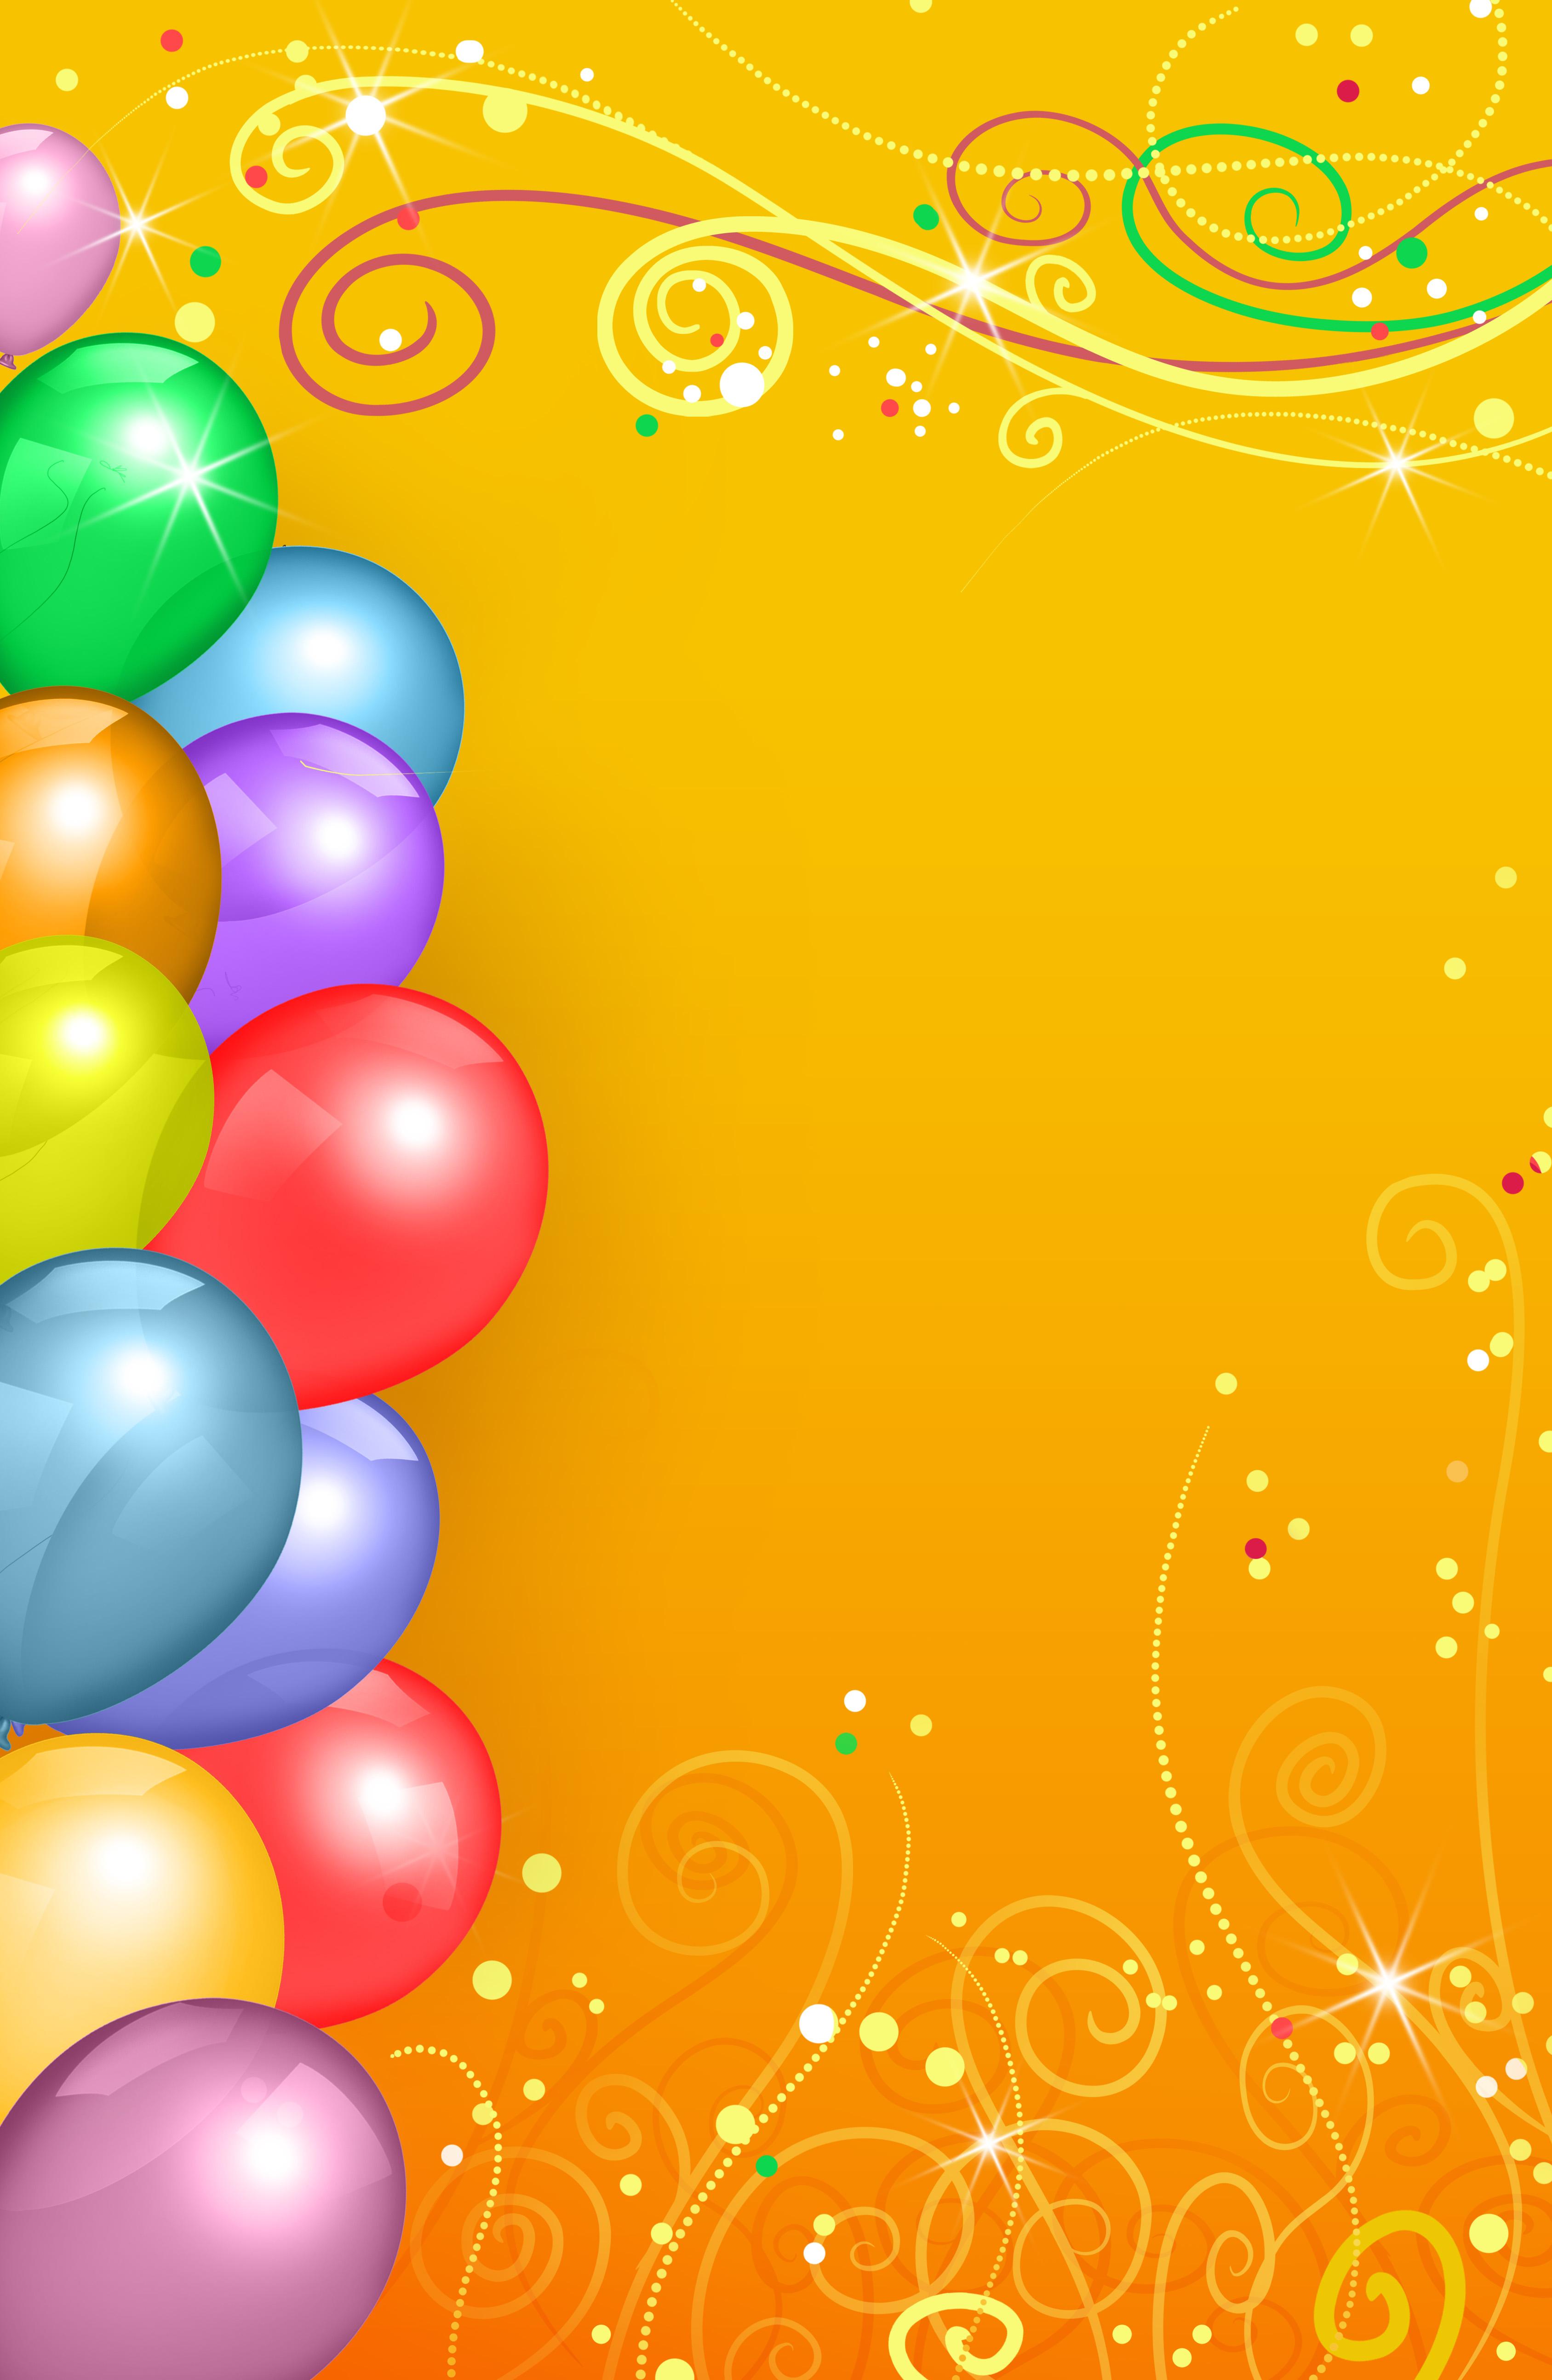 Стихами дню, картинки для оформления с днем рождения в школе